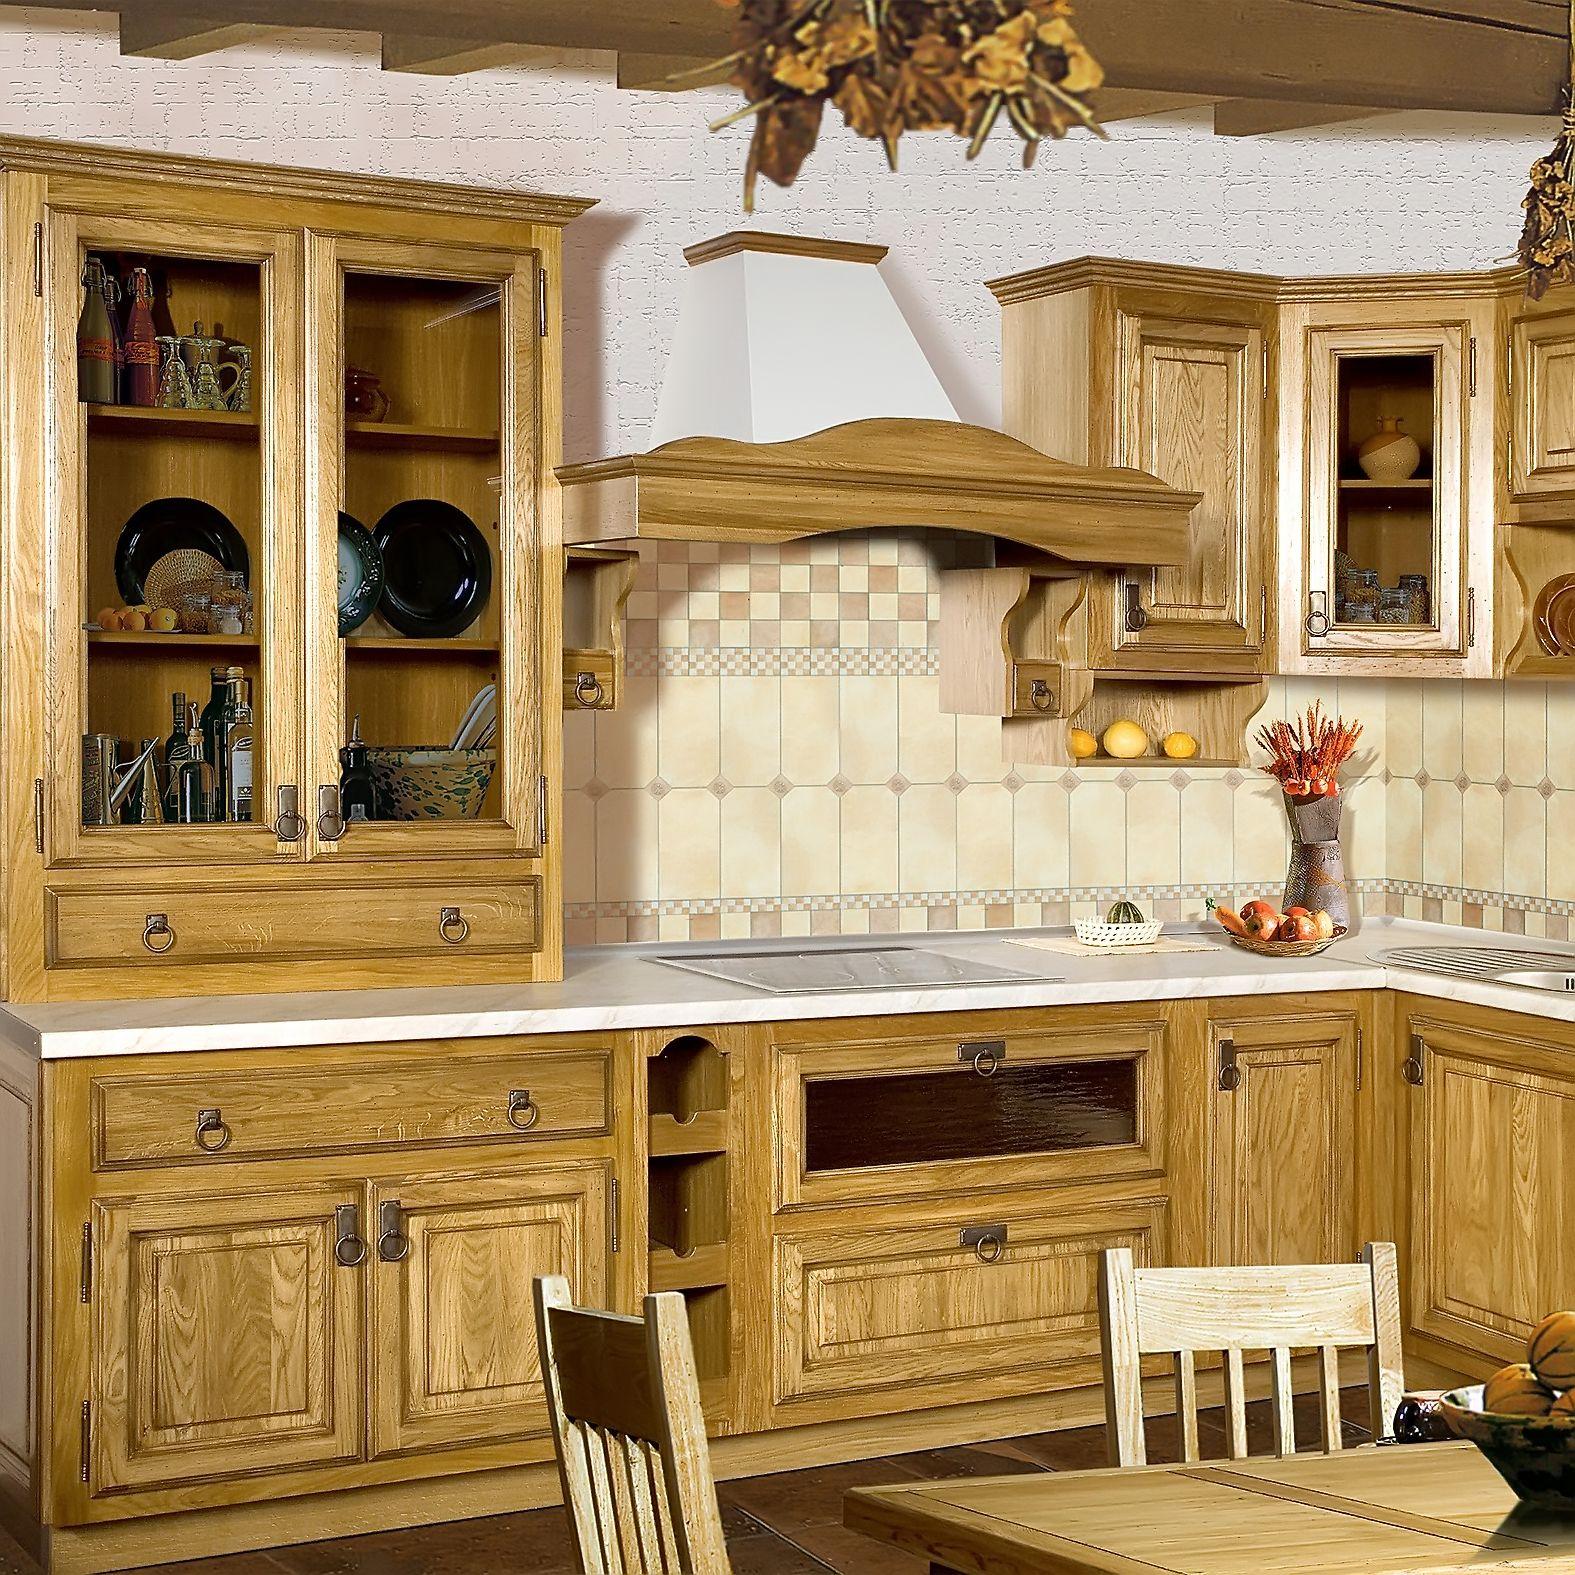 Rustikale Küchenmöbel Aus Massivholz Küchenmöbel Set Küchenzeile 3m